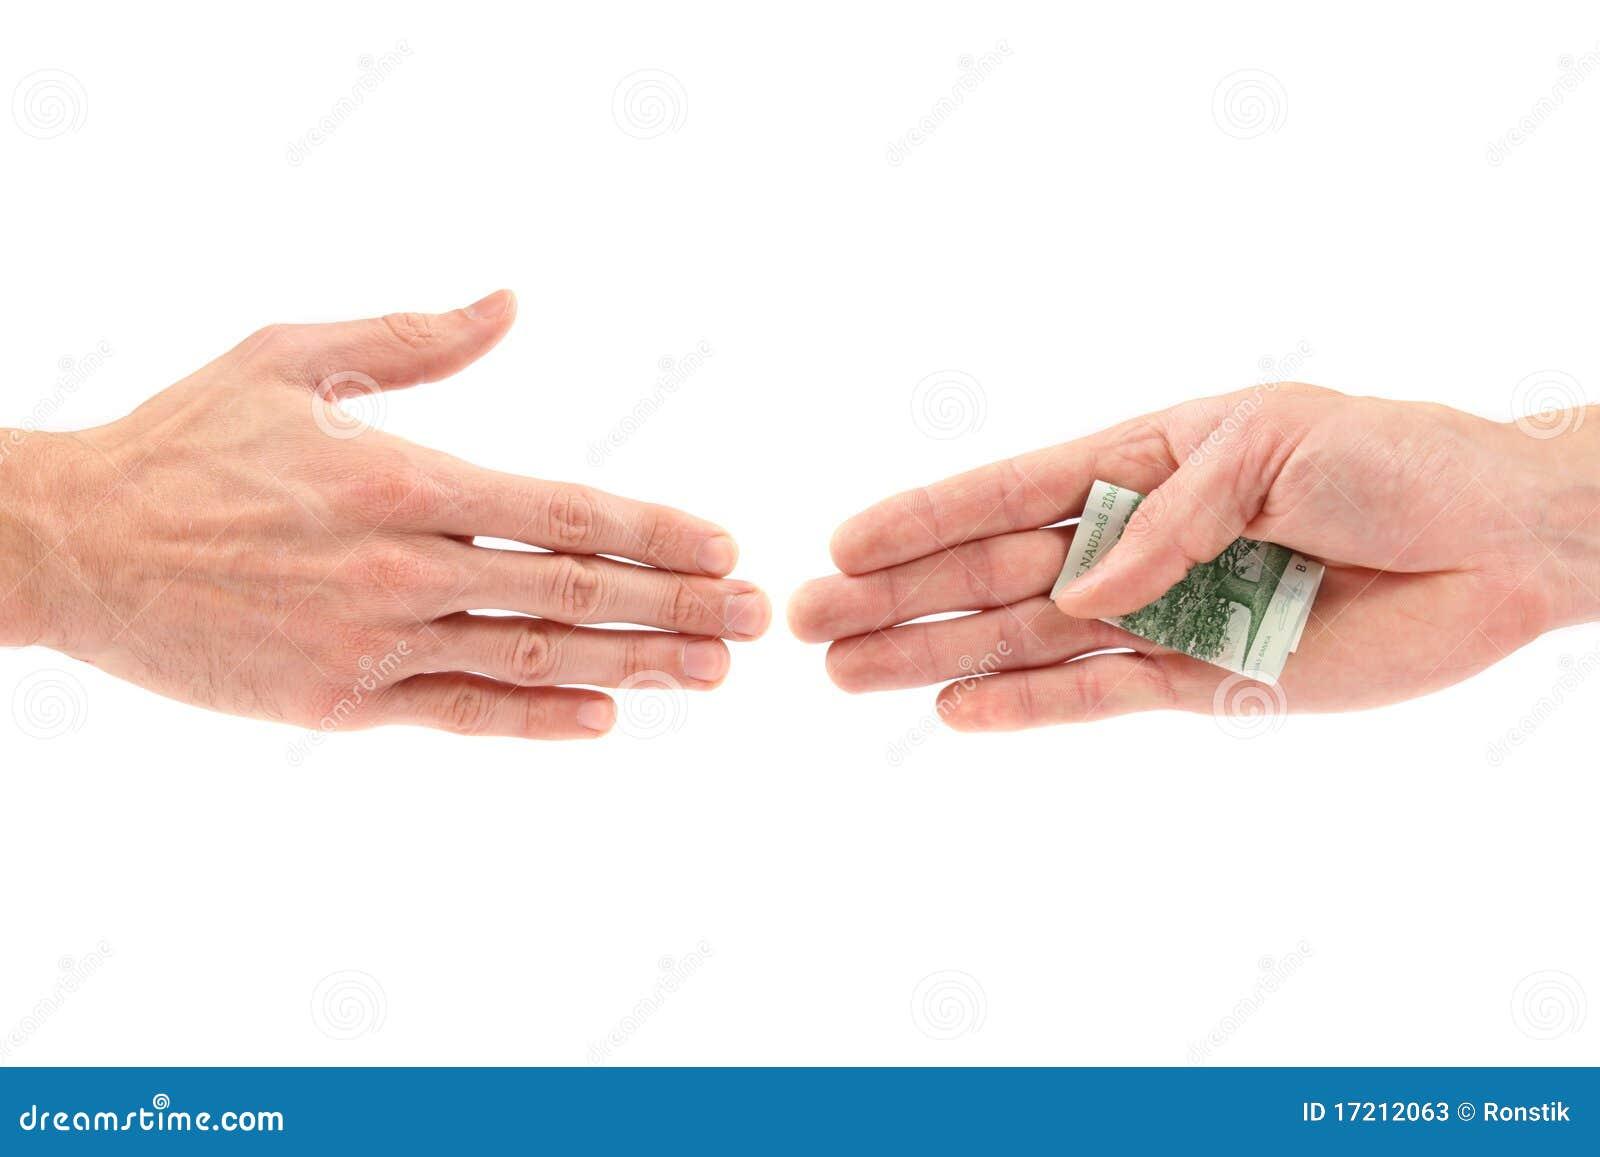 Het concept van de corruptie: hand die steekpenning geeft aan andere